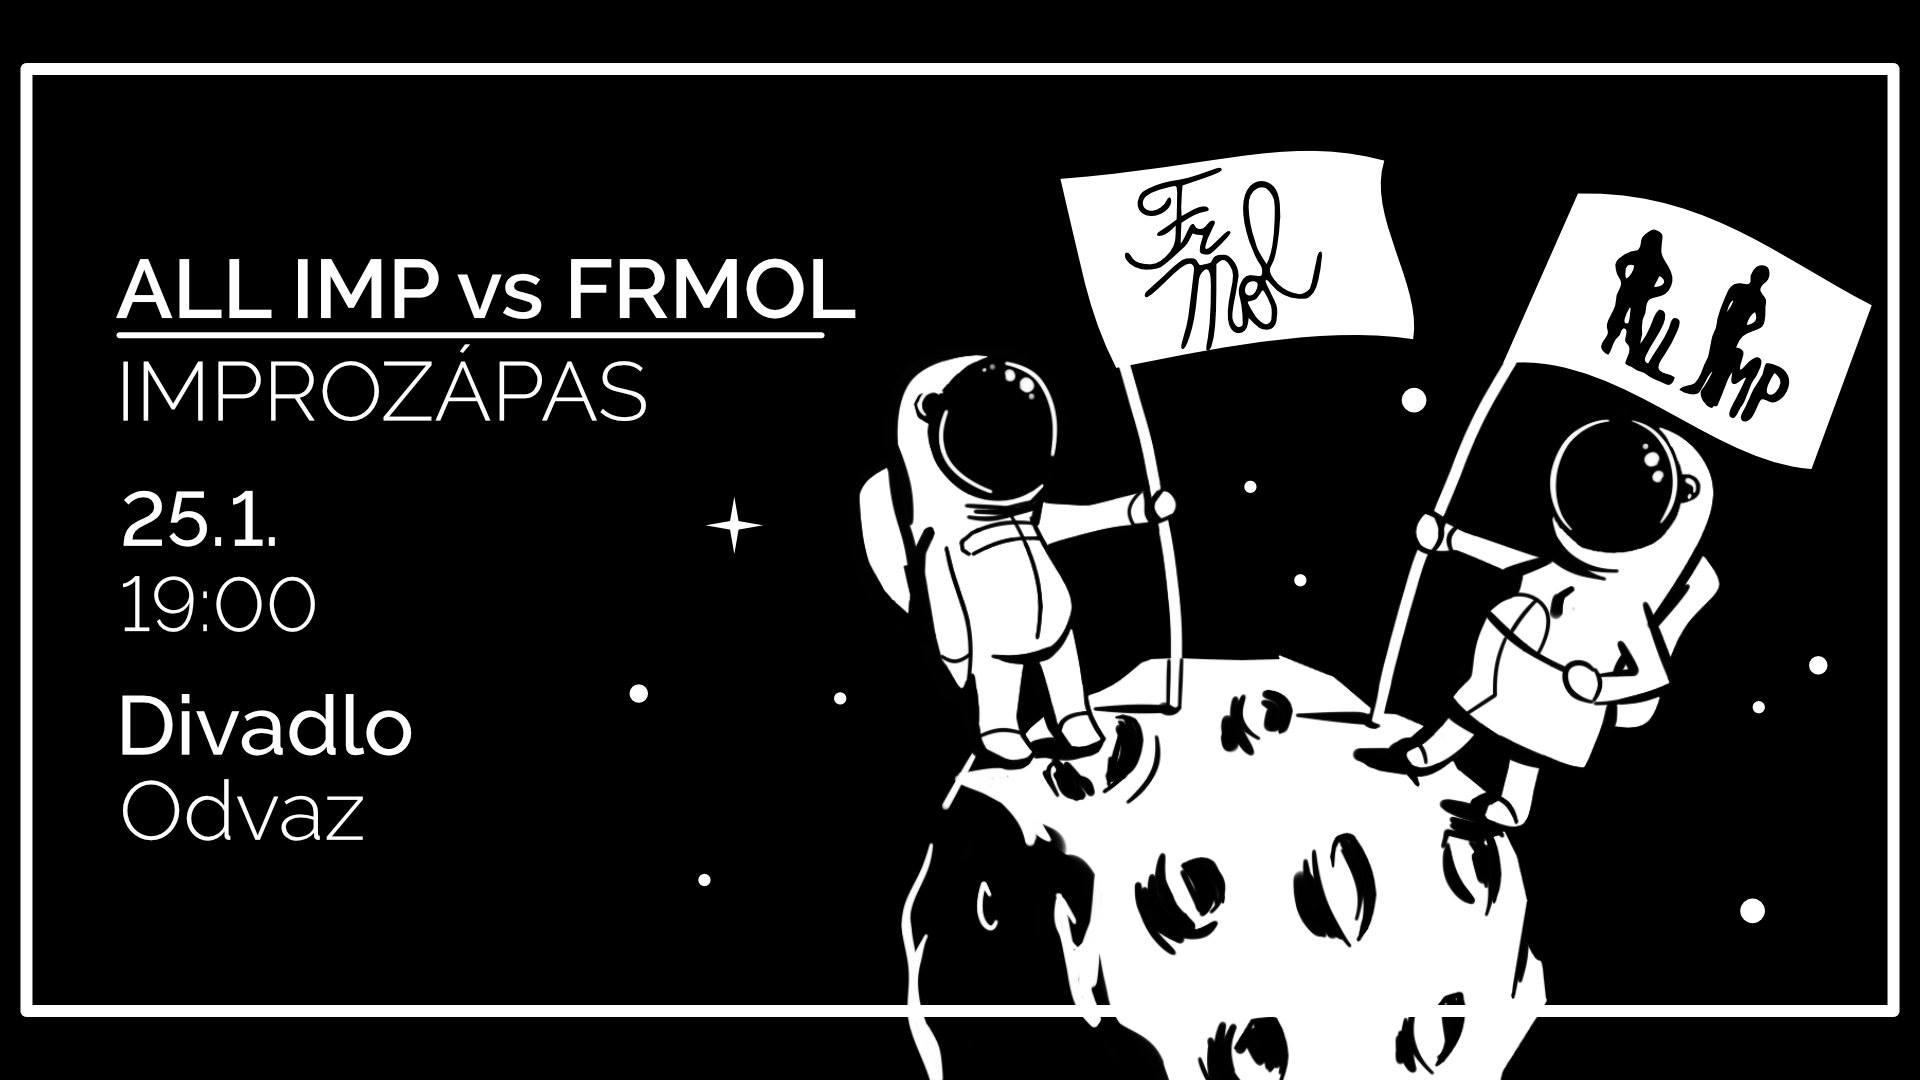 Hosté: Zápas All Imp vs. Frmol